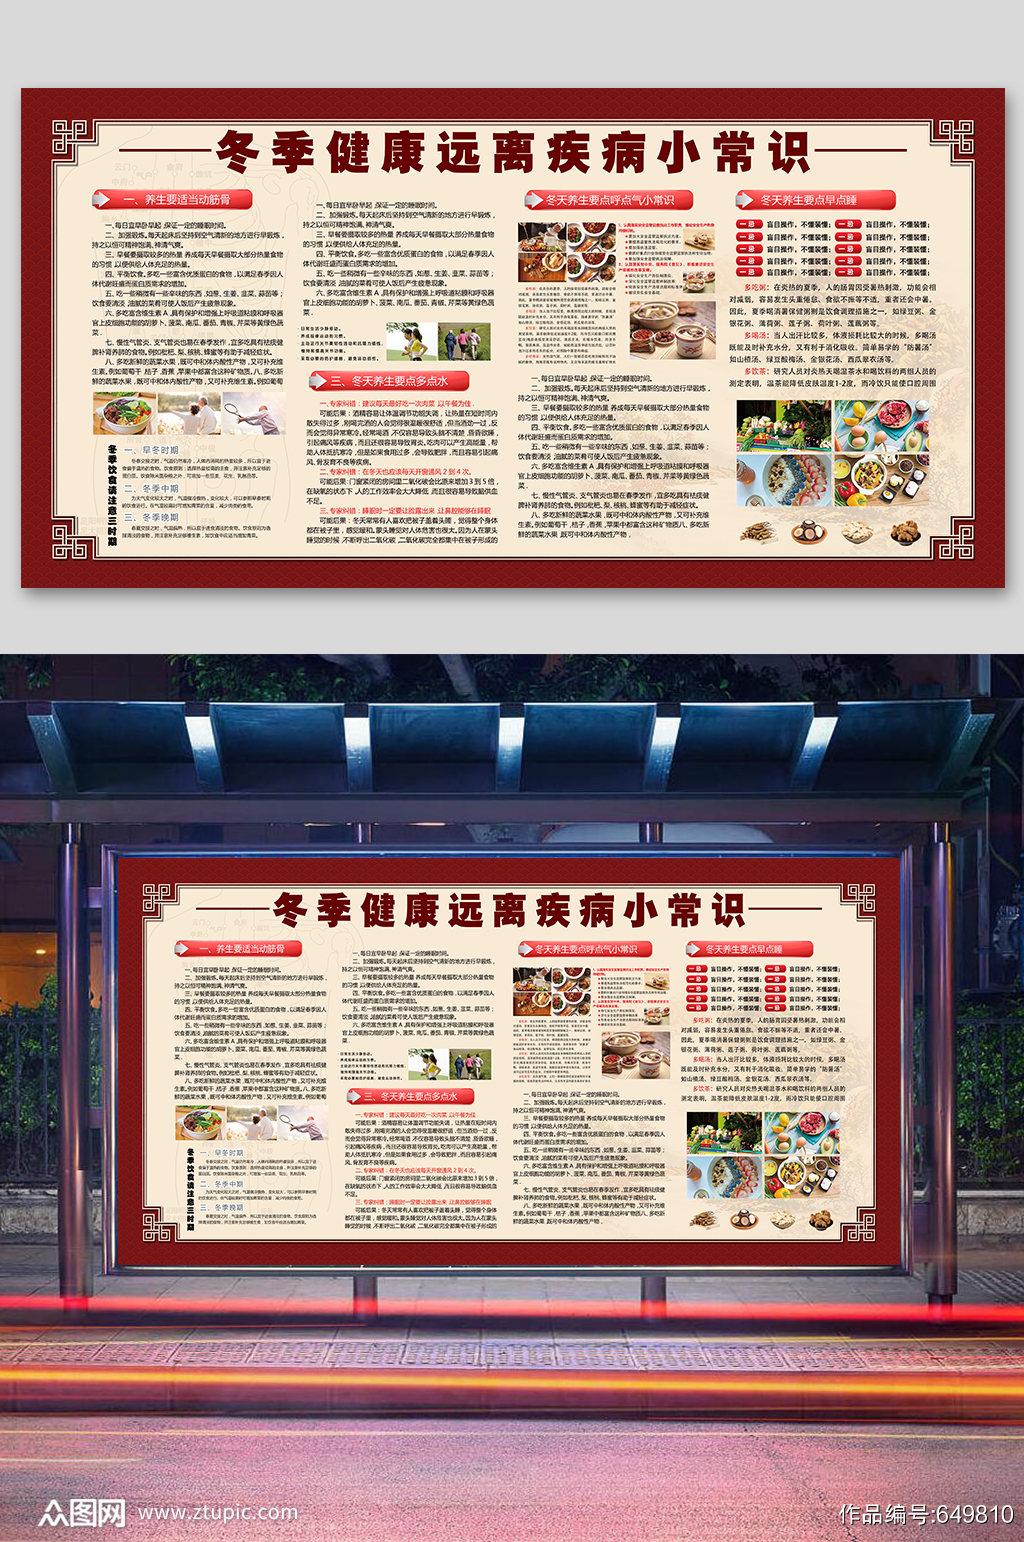 中医养生宣传 中医科冬季健康宣传栏素材